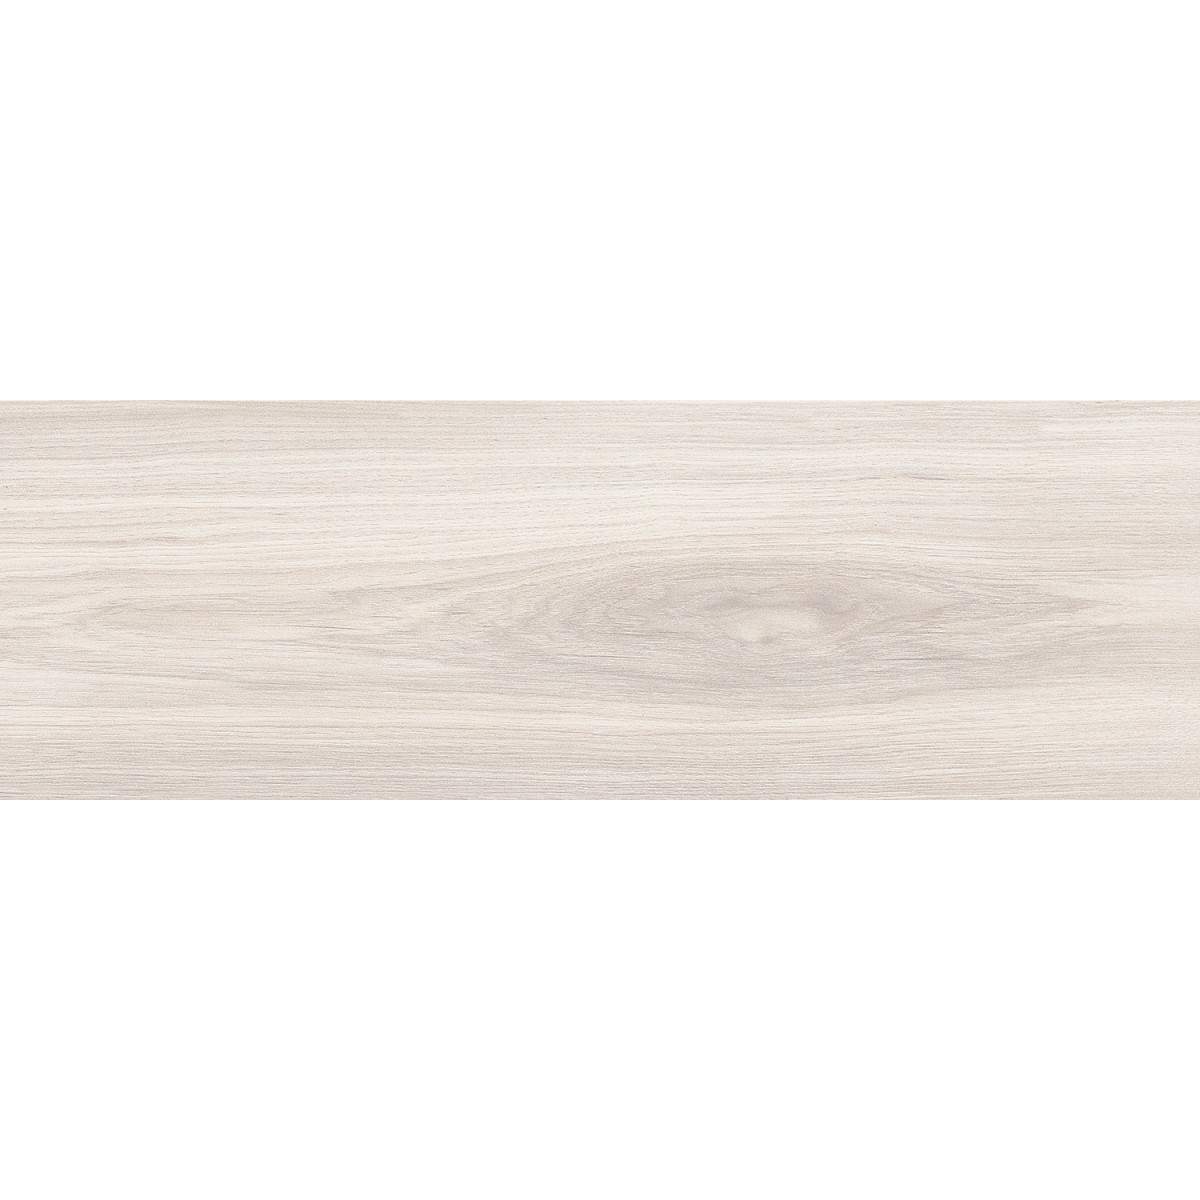 Керамогранит «Клэпборд» 20х60 см 0.84 м² цвет серый